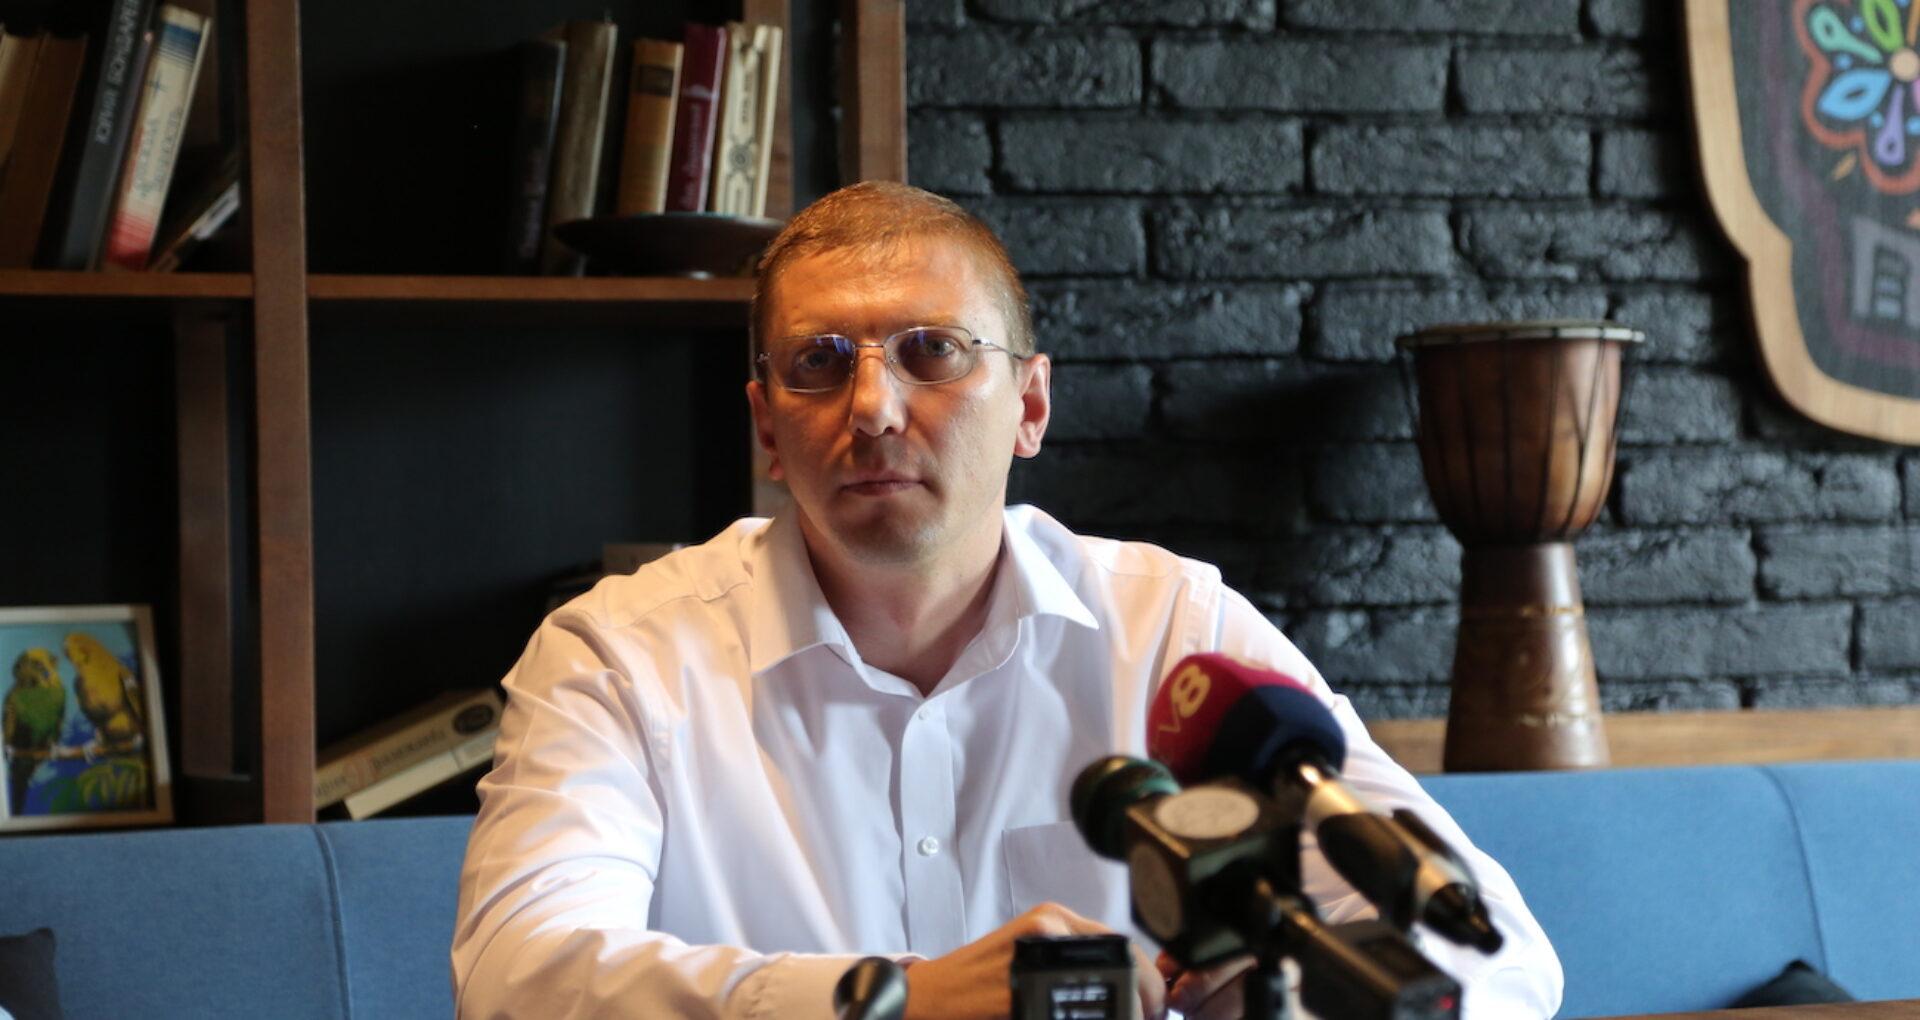 DOC/ Ordinul prin care Viorel Morari a fost repus în funcția de șef al Procuraturii Anticorupție, suspendat